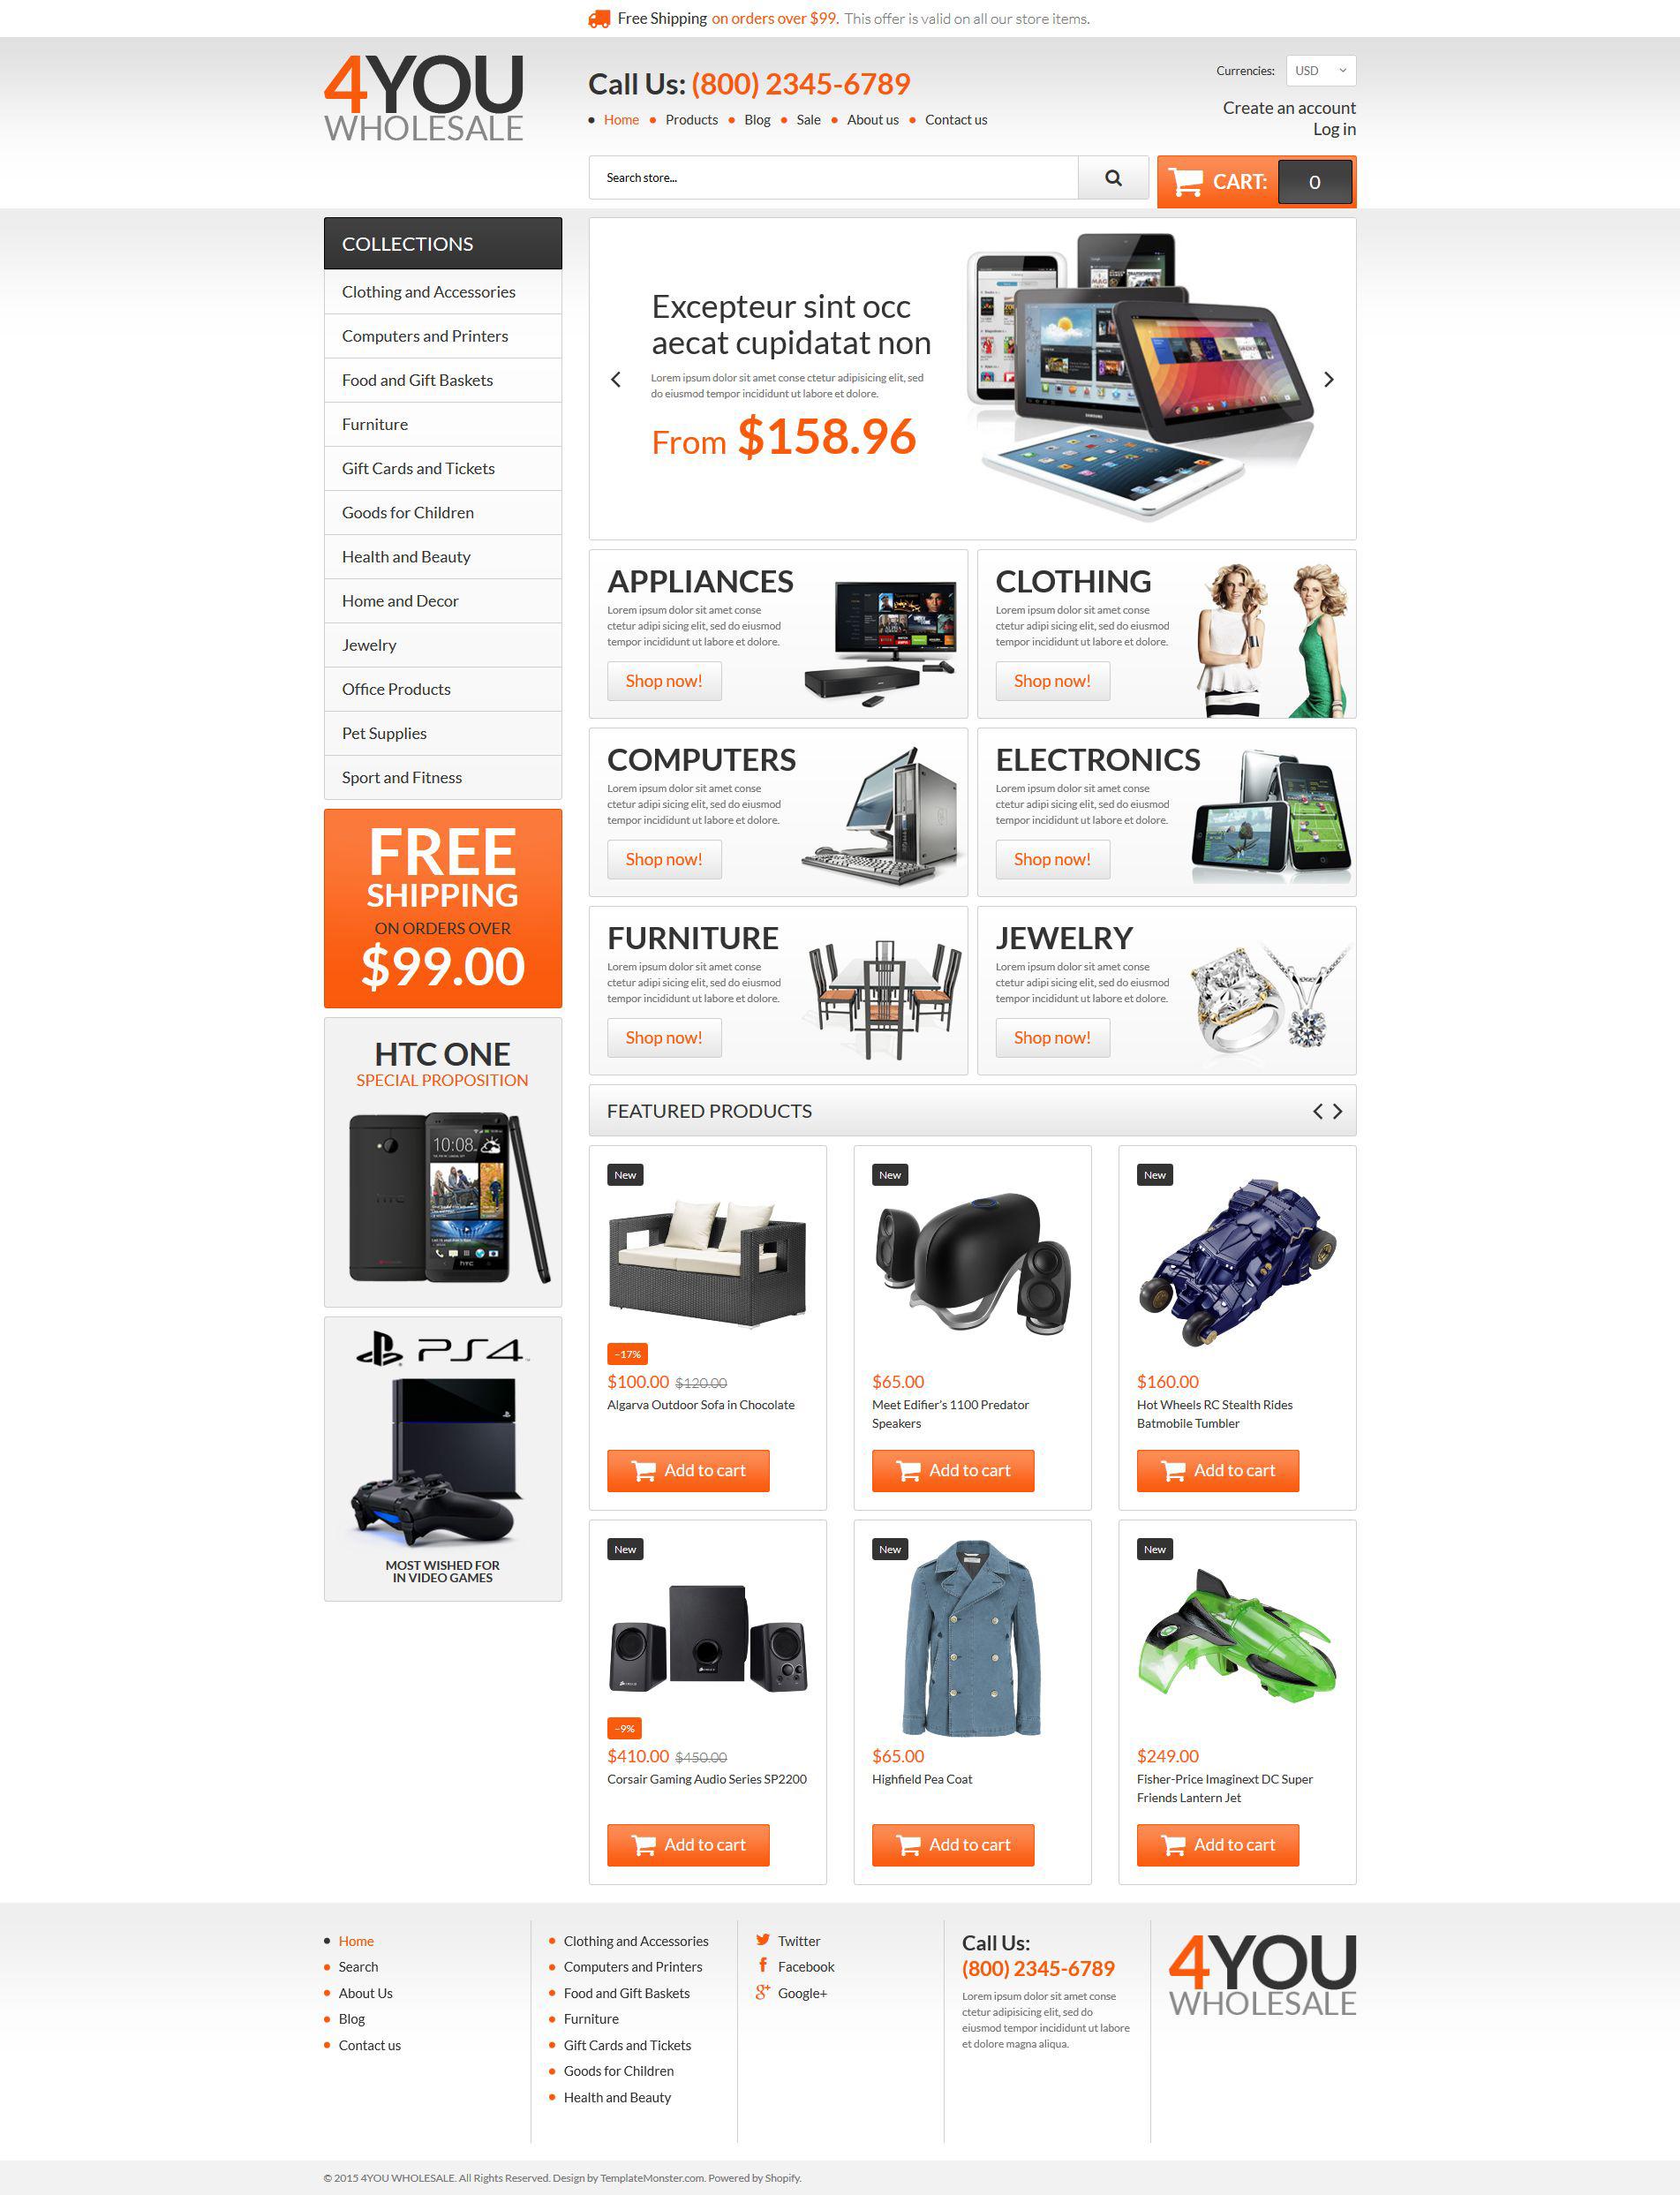 Адаптивний Shopify шаблон на тему оптовий склад №54840 - скріншот